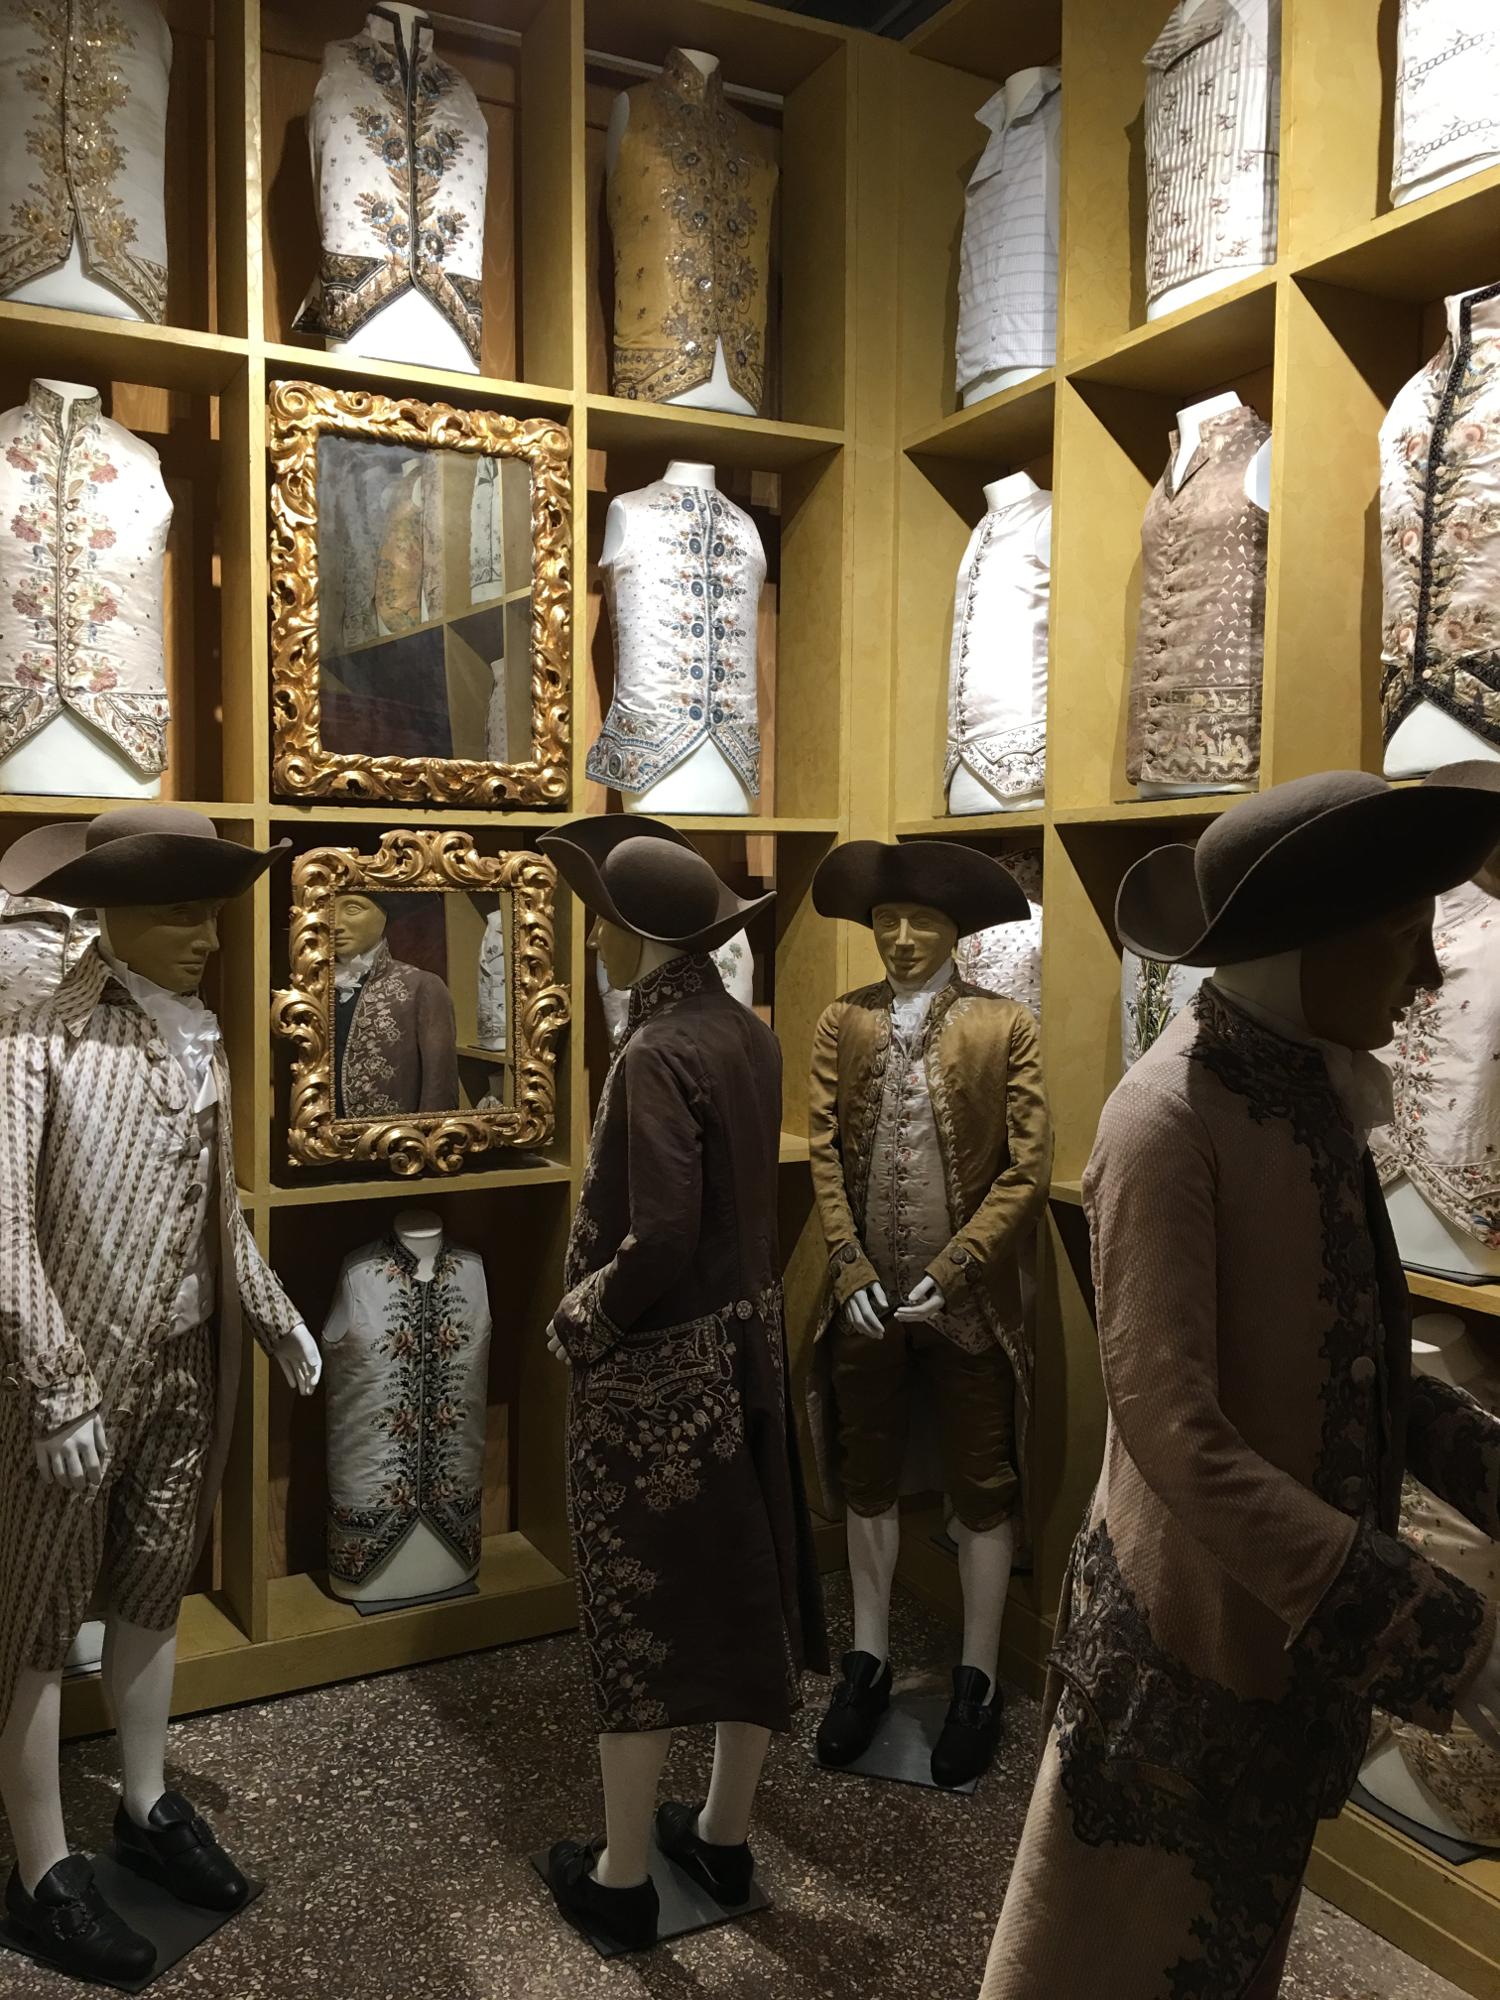 rocaille-blog-venezia-palazzo-mocenigo-museo-costume-44